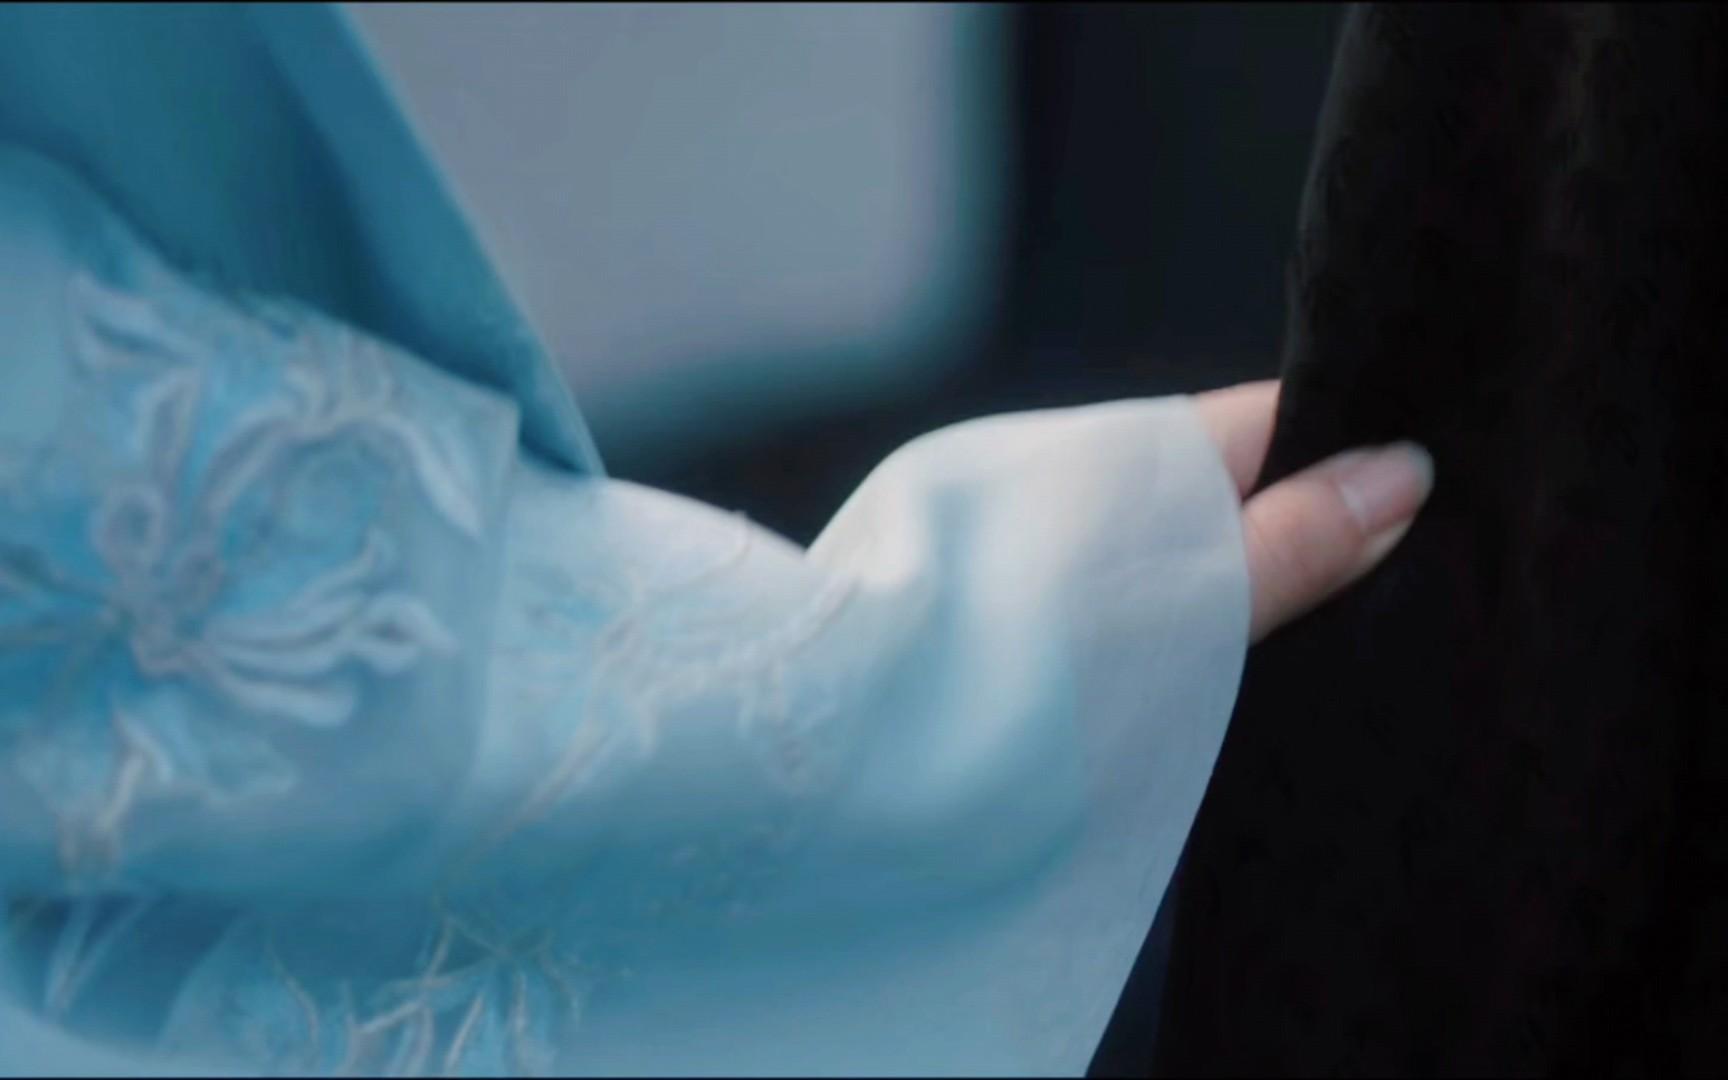 【周生如故丨辰时夫妇丨新色调丨安利向】小情侣的甜蜜cut